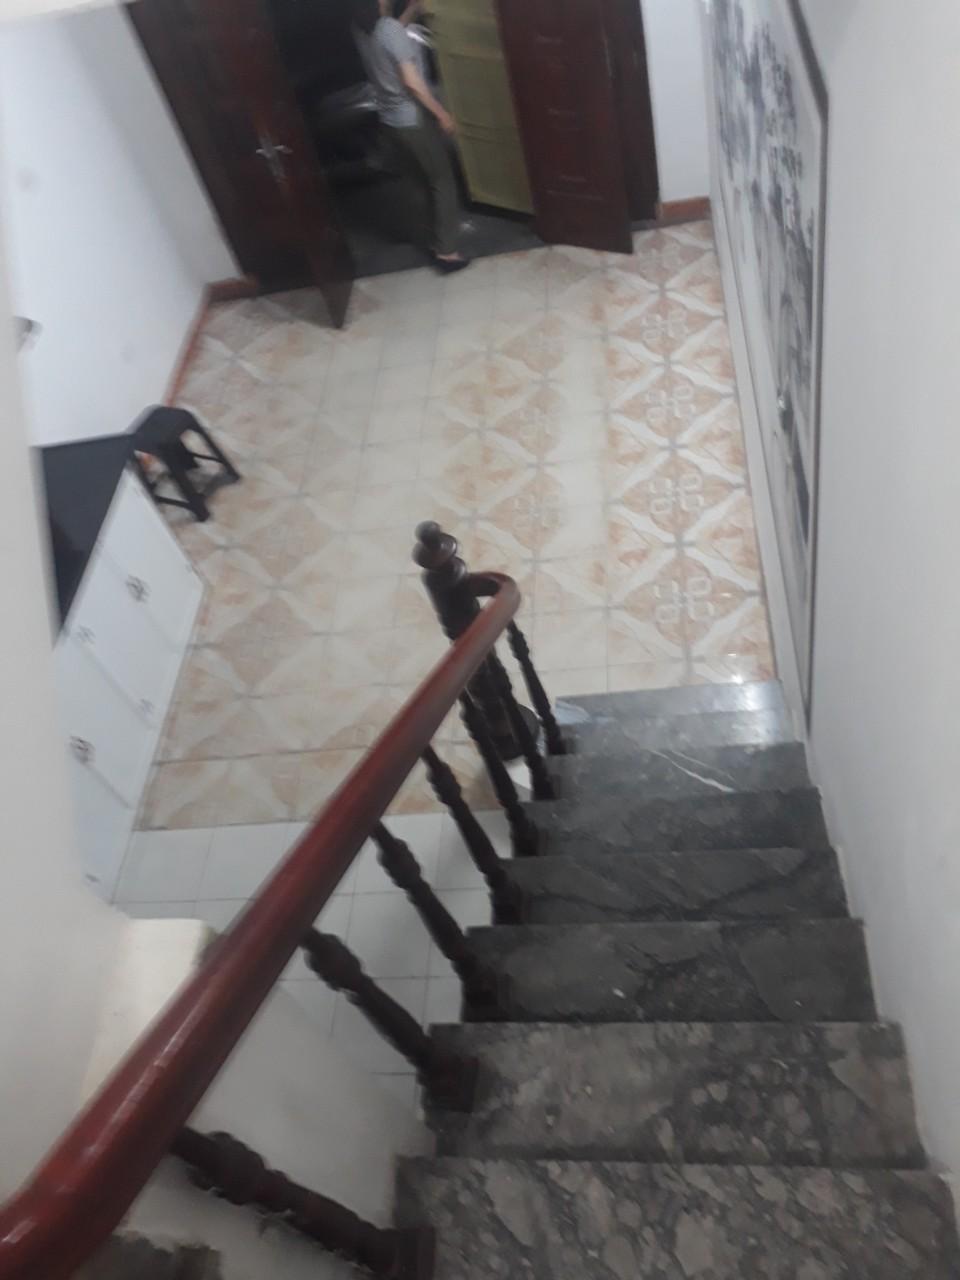 4 Cho thuê nhà phố Lý Nam Đế - Điện Biên Phủ 28m2, xây 5 tầng, 3 ngủ, 4 vs mới sửa đẹp giá 12tr